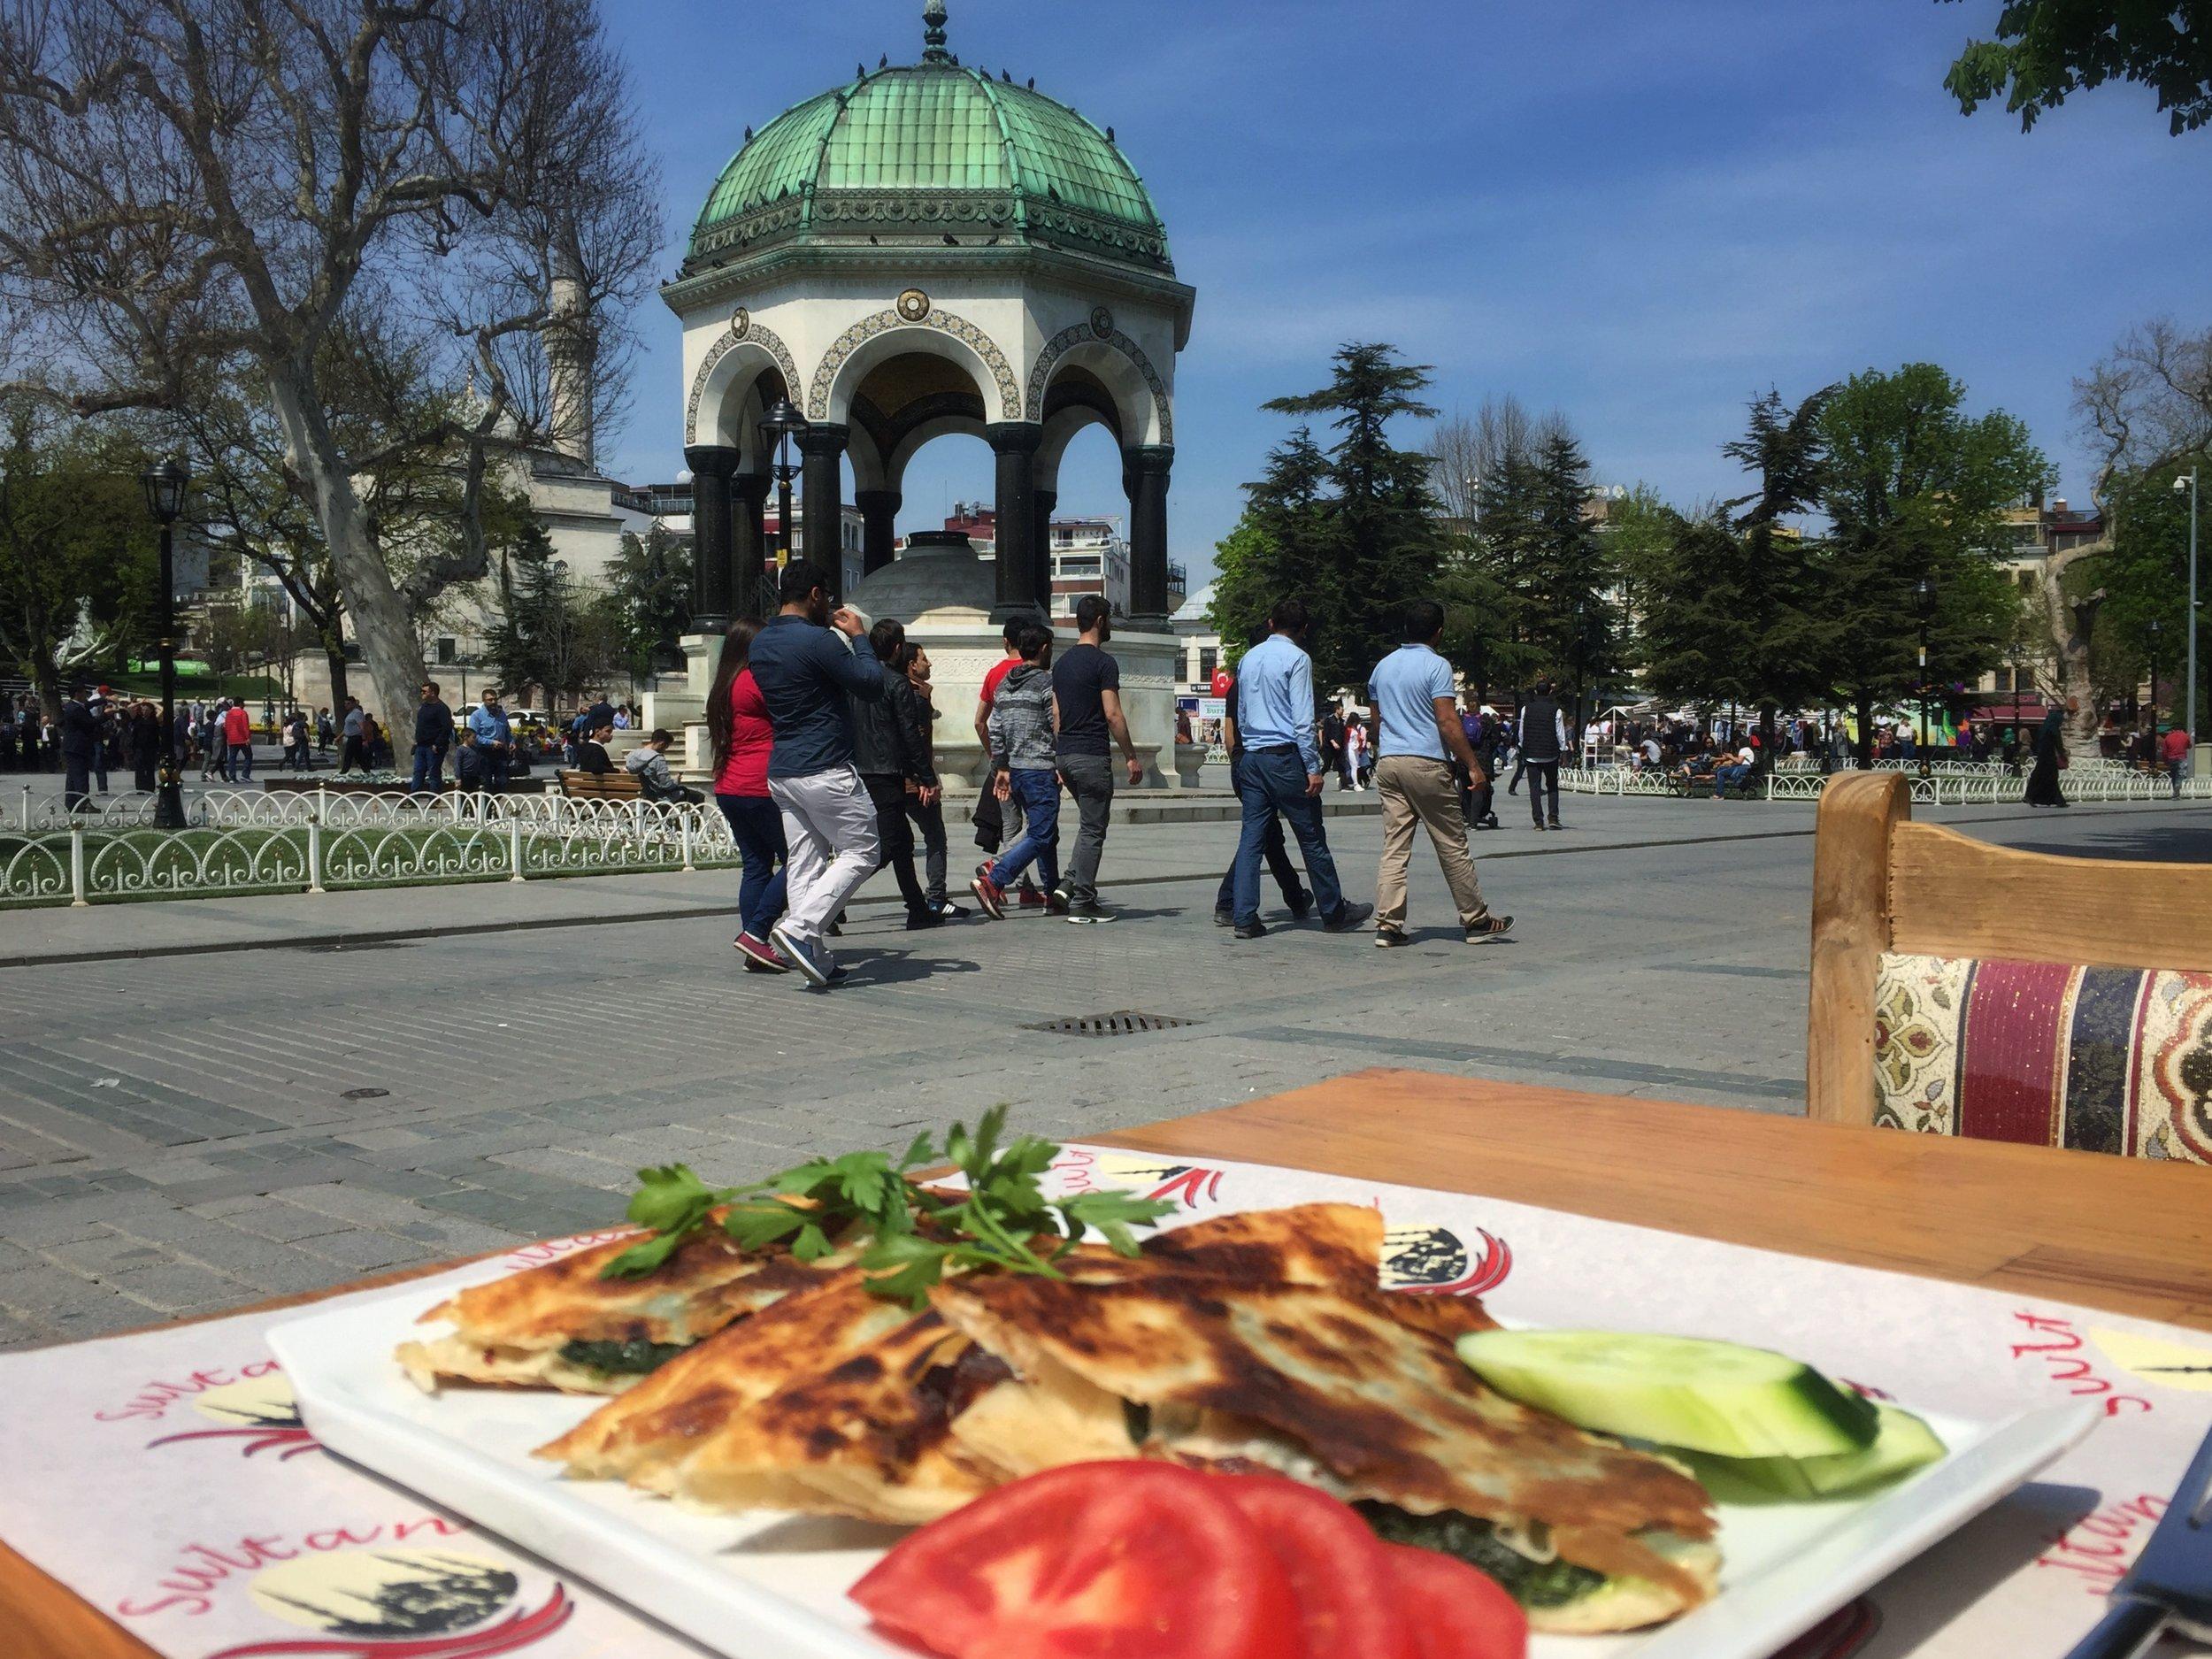 gözleme on the hippodrome in Istanbul